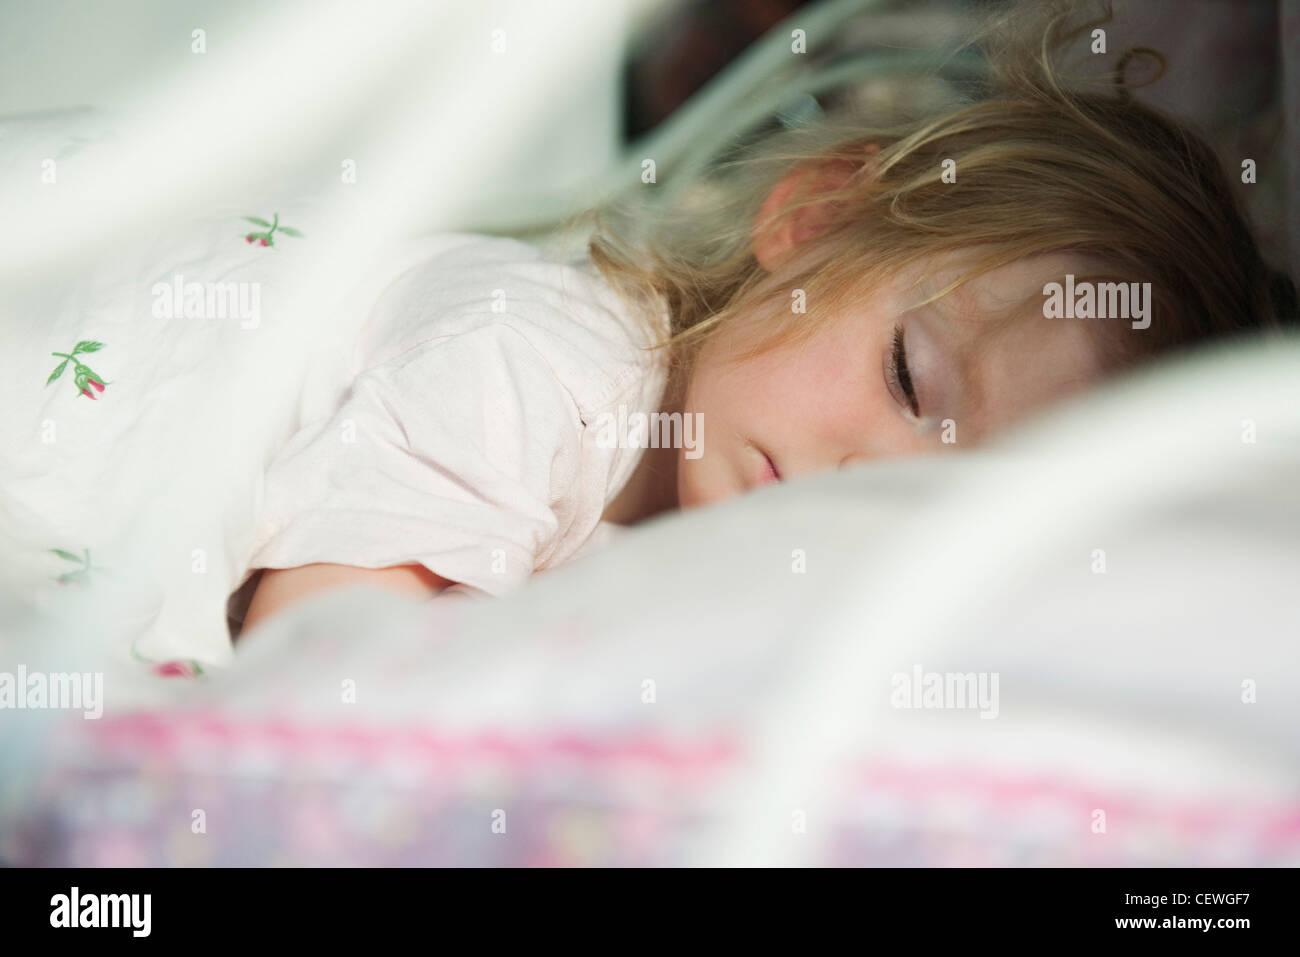 Niño durmiendo, oscurecida cara Imagen De Stock